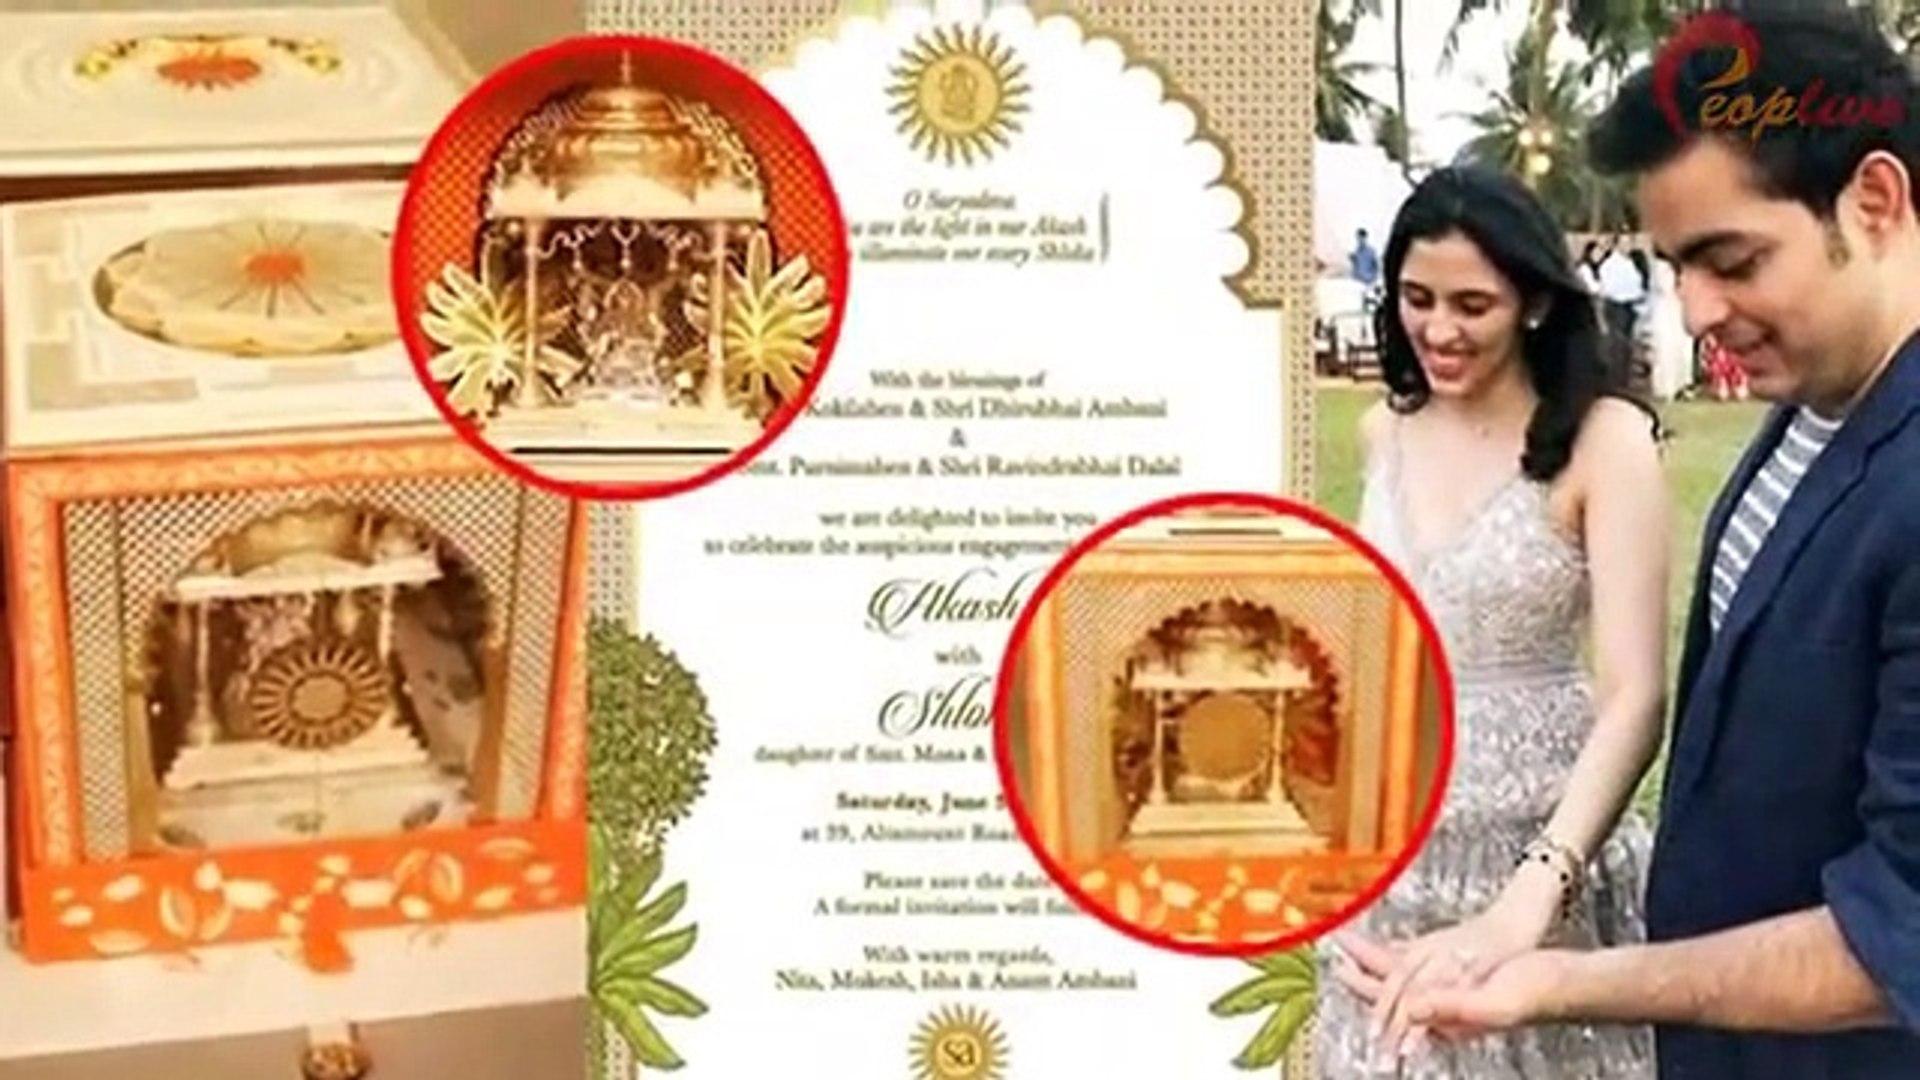 Mukesh Ambani Daughter Wedding The Most Expensive Wedding Ceremony Of Isha Ambani